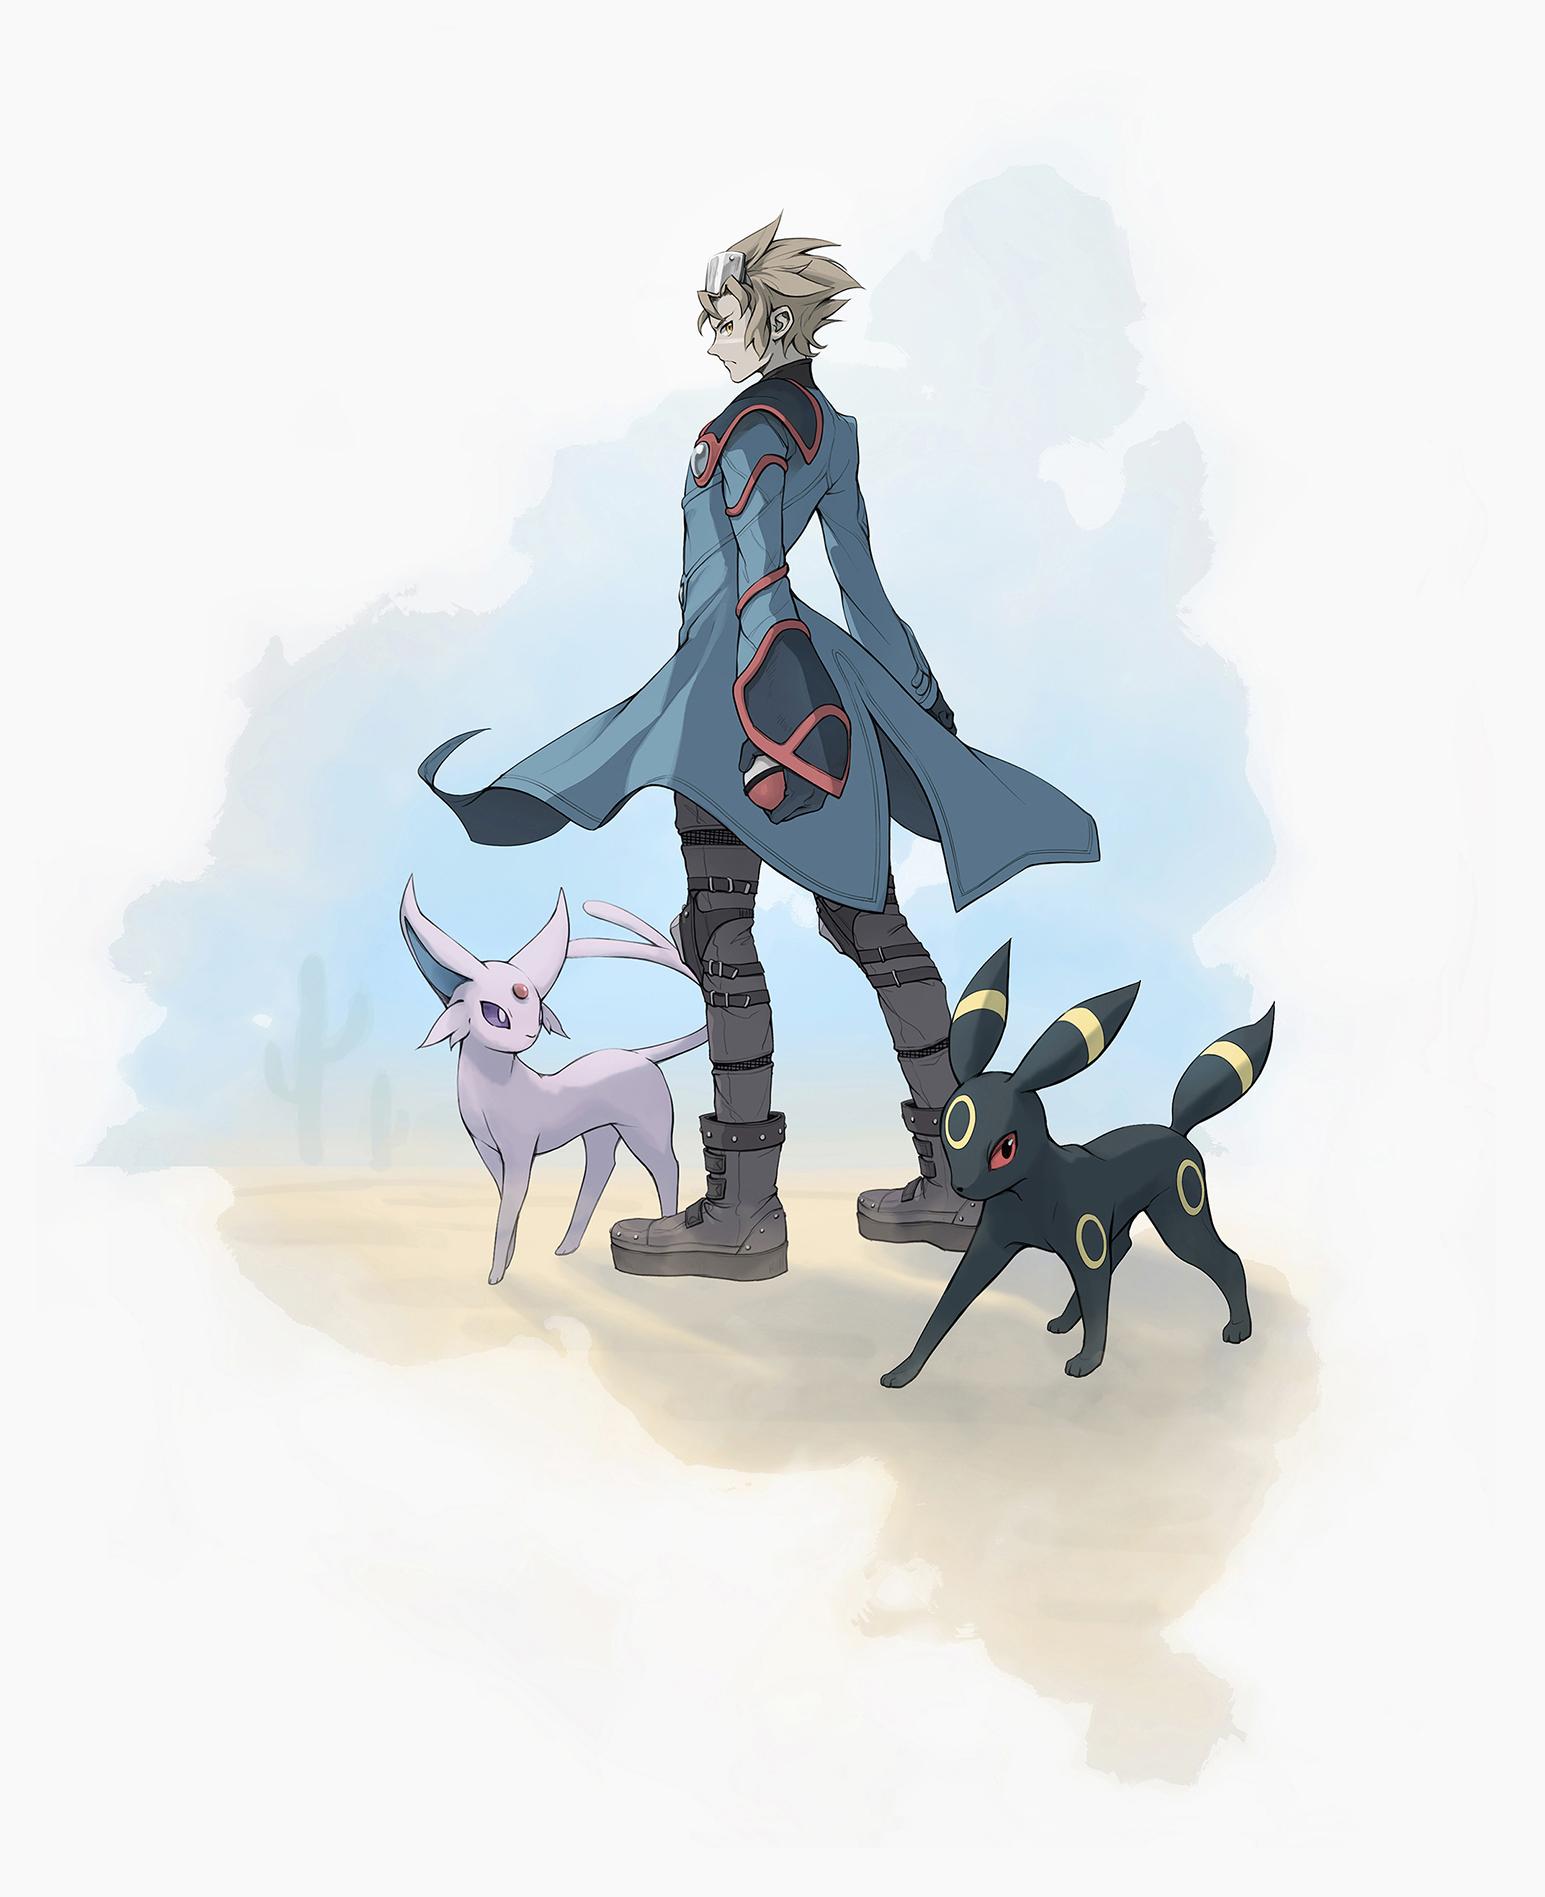 Pokémon-Zeichnung: Wes